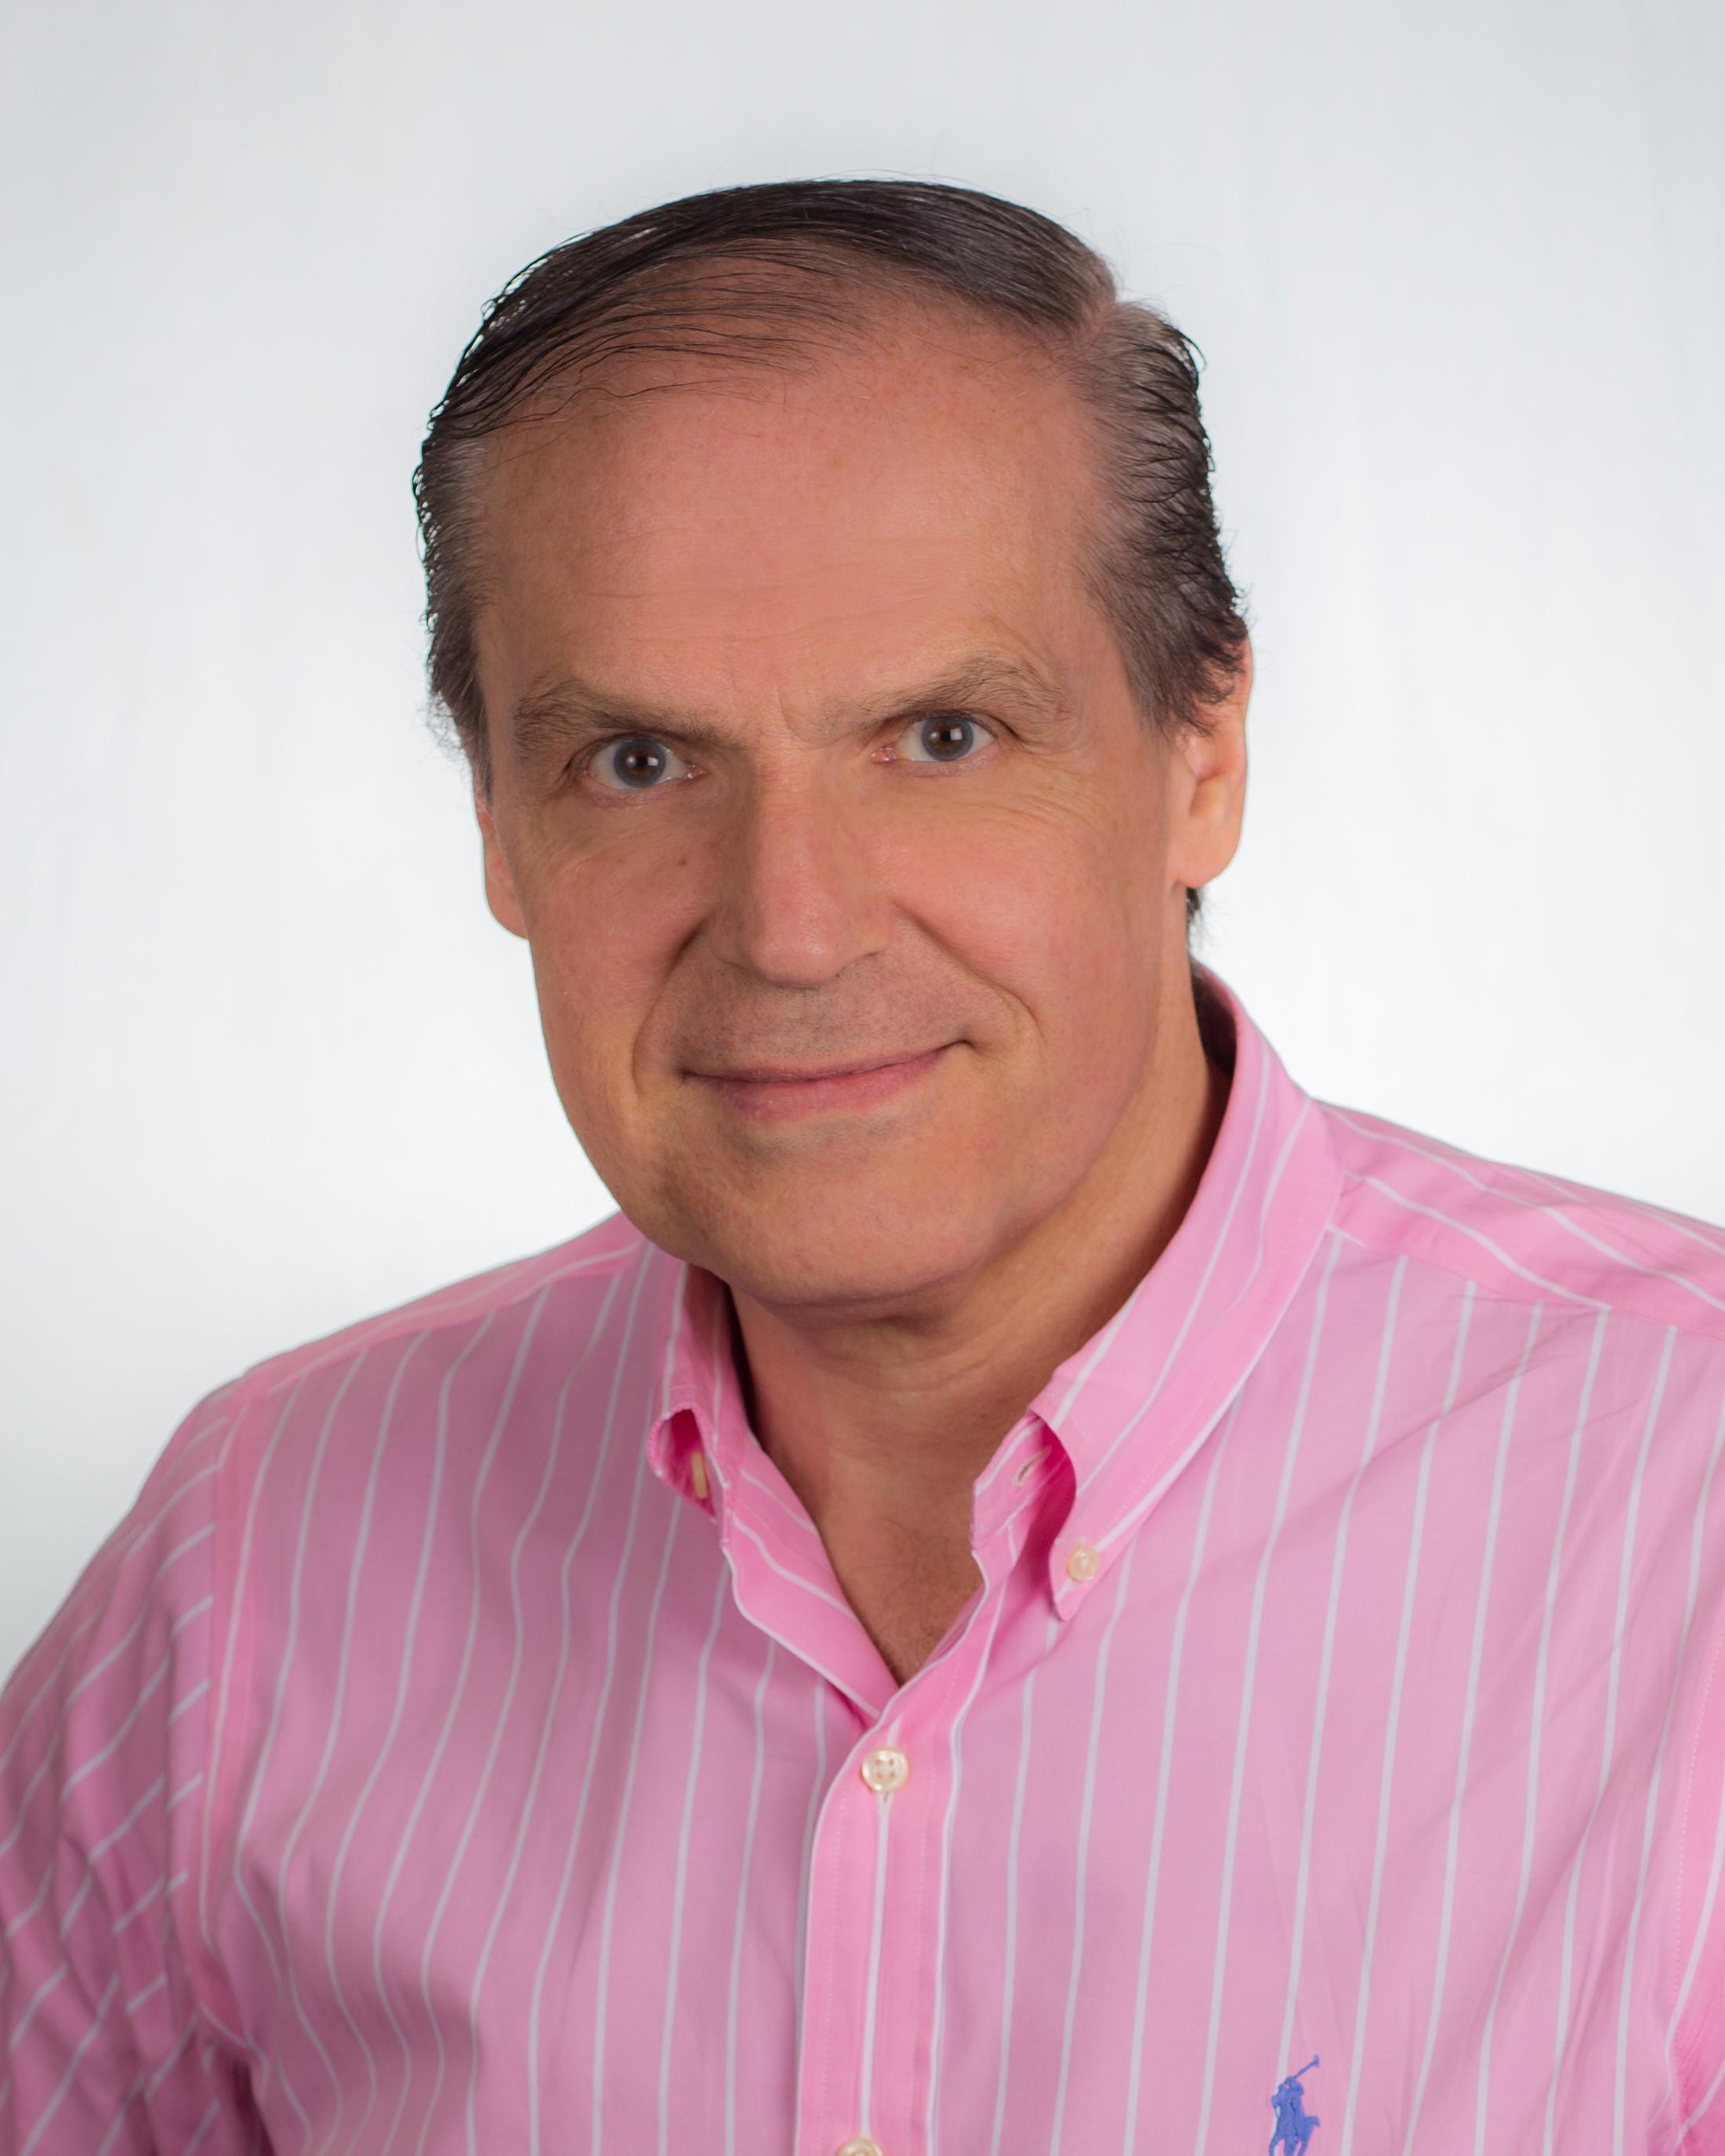 Peter Orban